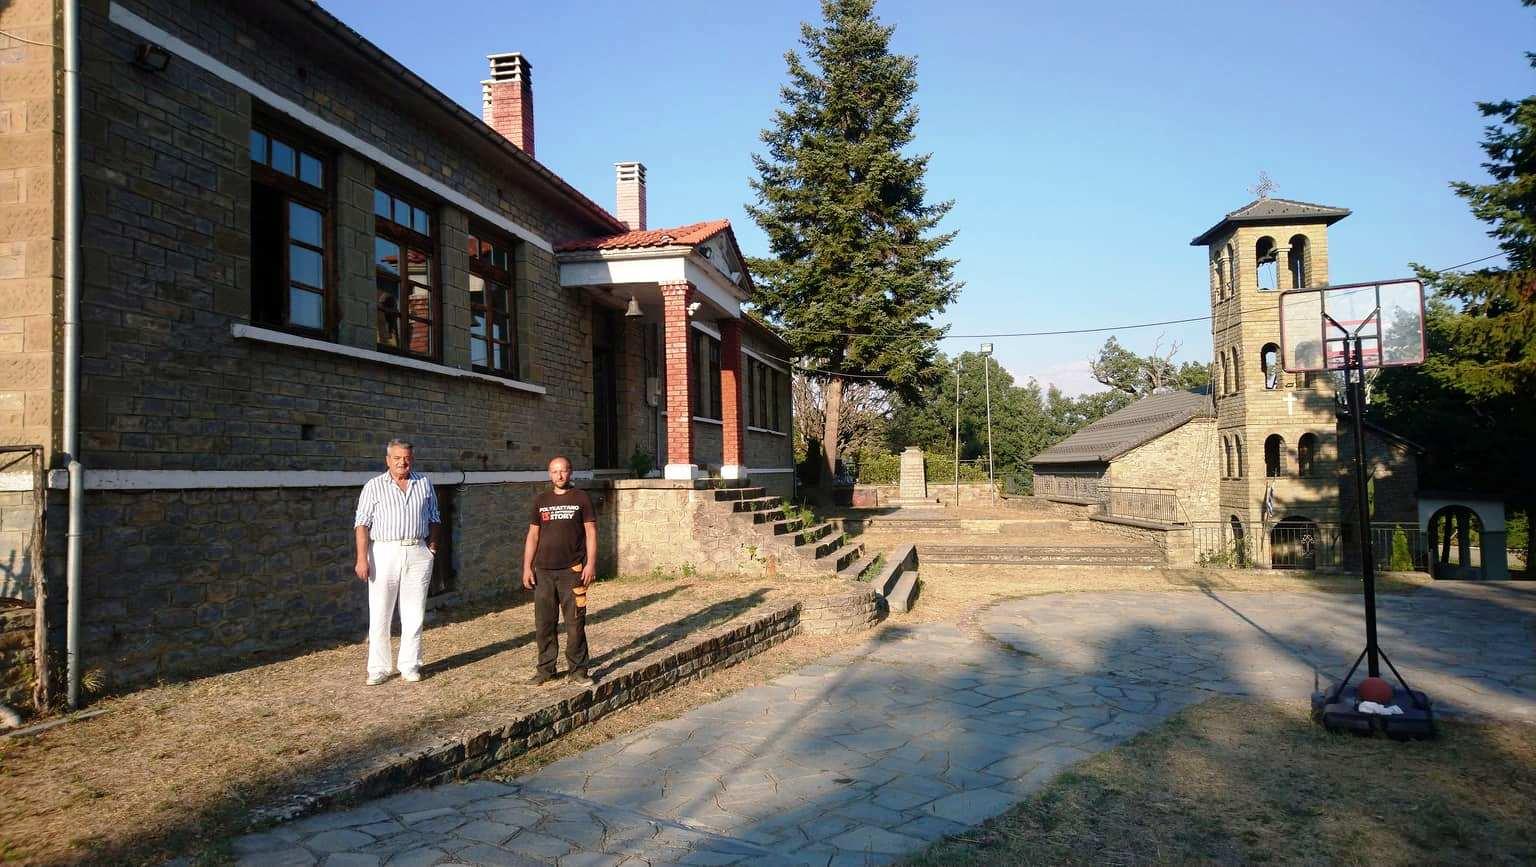 Επίσκεψη σε 5 κοινότητες του Β.Α Βοΐου του Αντιπεριφερειάρχη Κοζάνης (Φωτογραφίες)